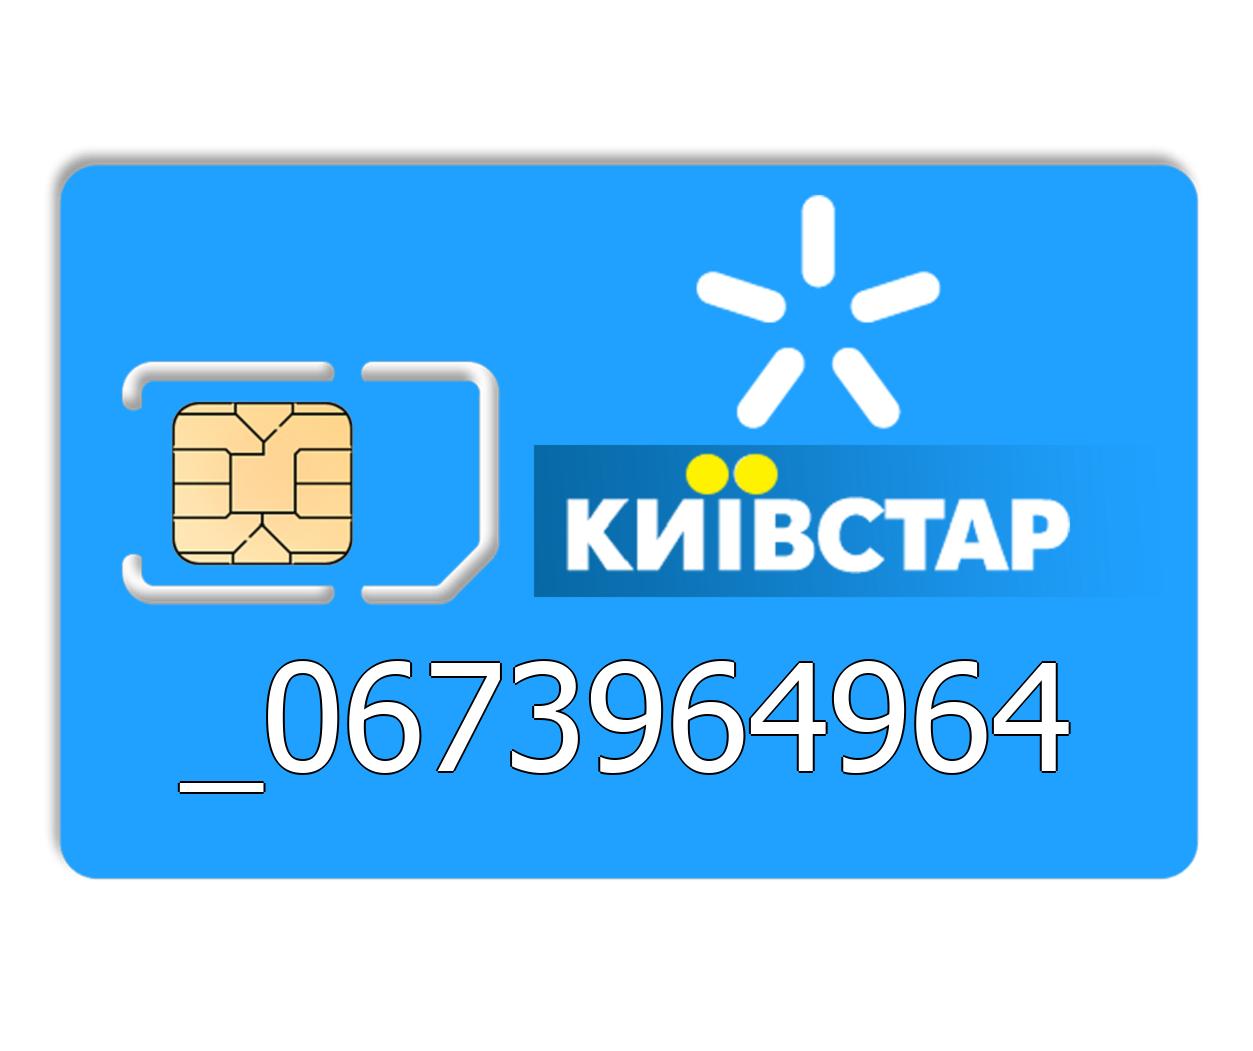 Красивый номер Киевстар 067-3-964-964